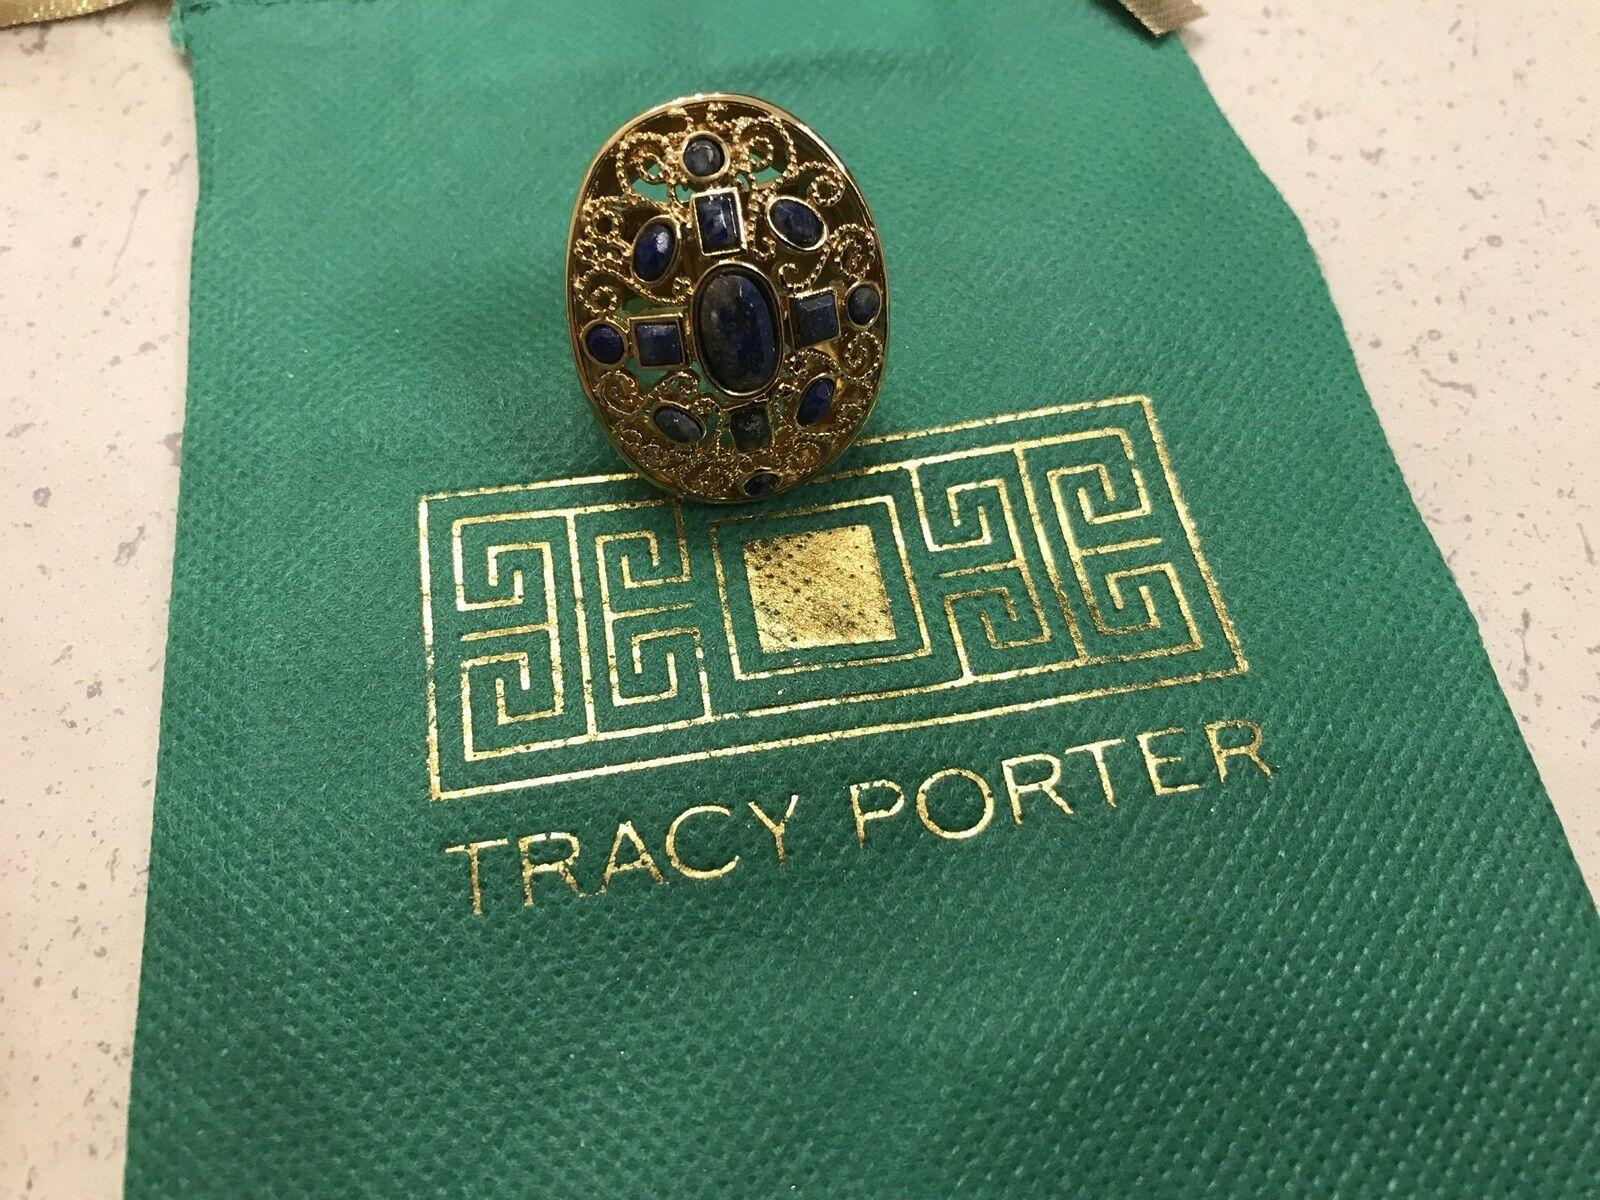 Tracy Porter Ring Beautiful Lapis 22 Karat gold Filled Statement Ring